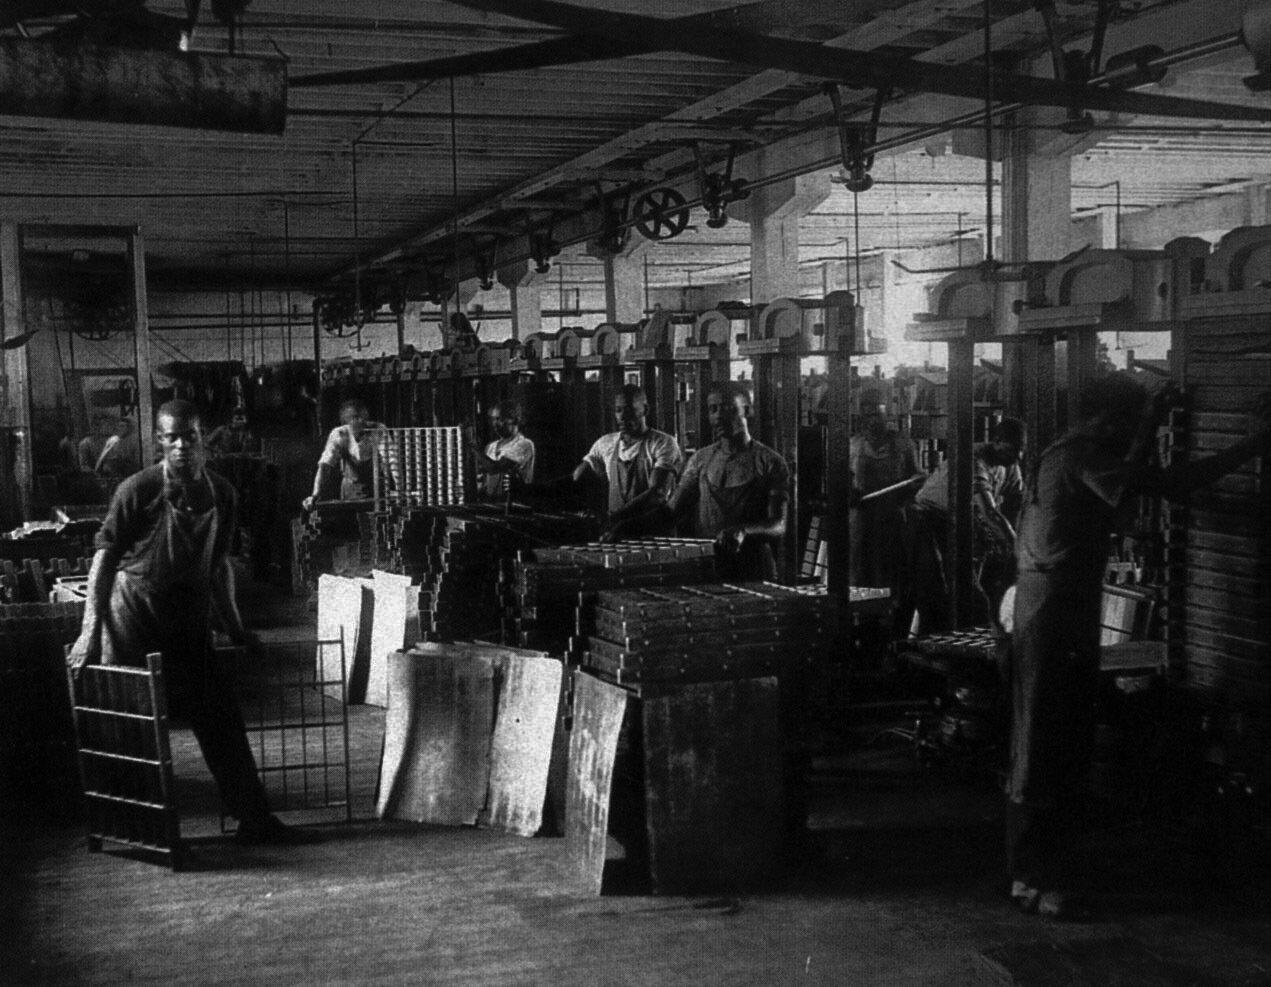 1900. Табачная фабрика Т.Б. Уильямса, Ричмонд